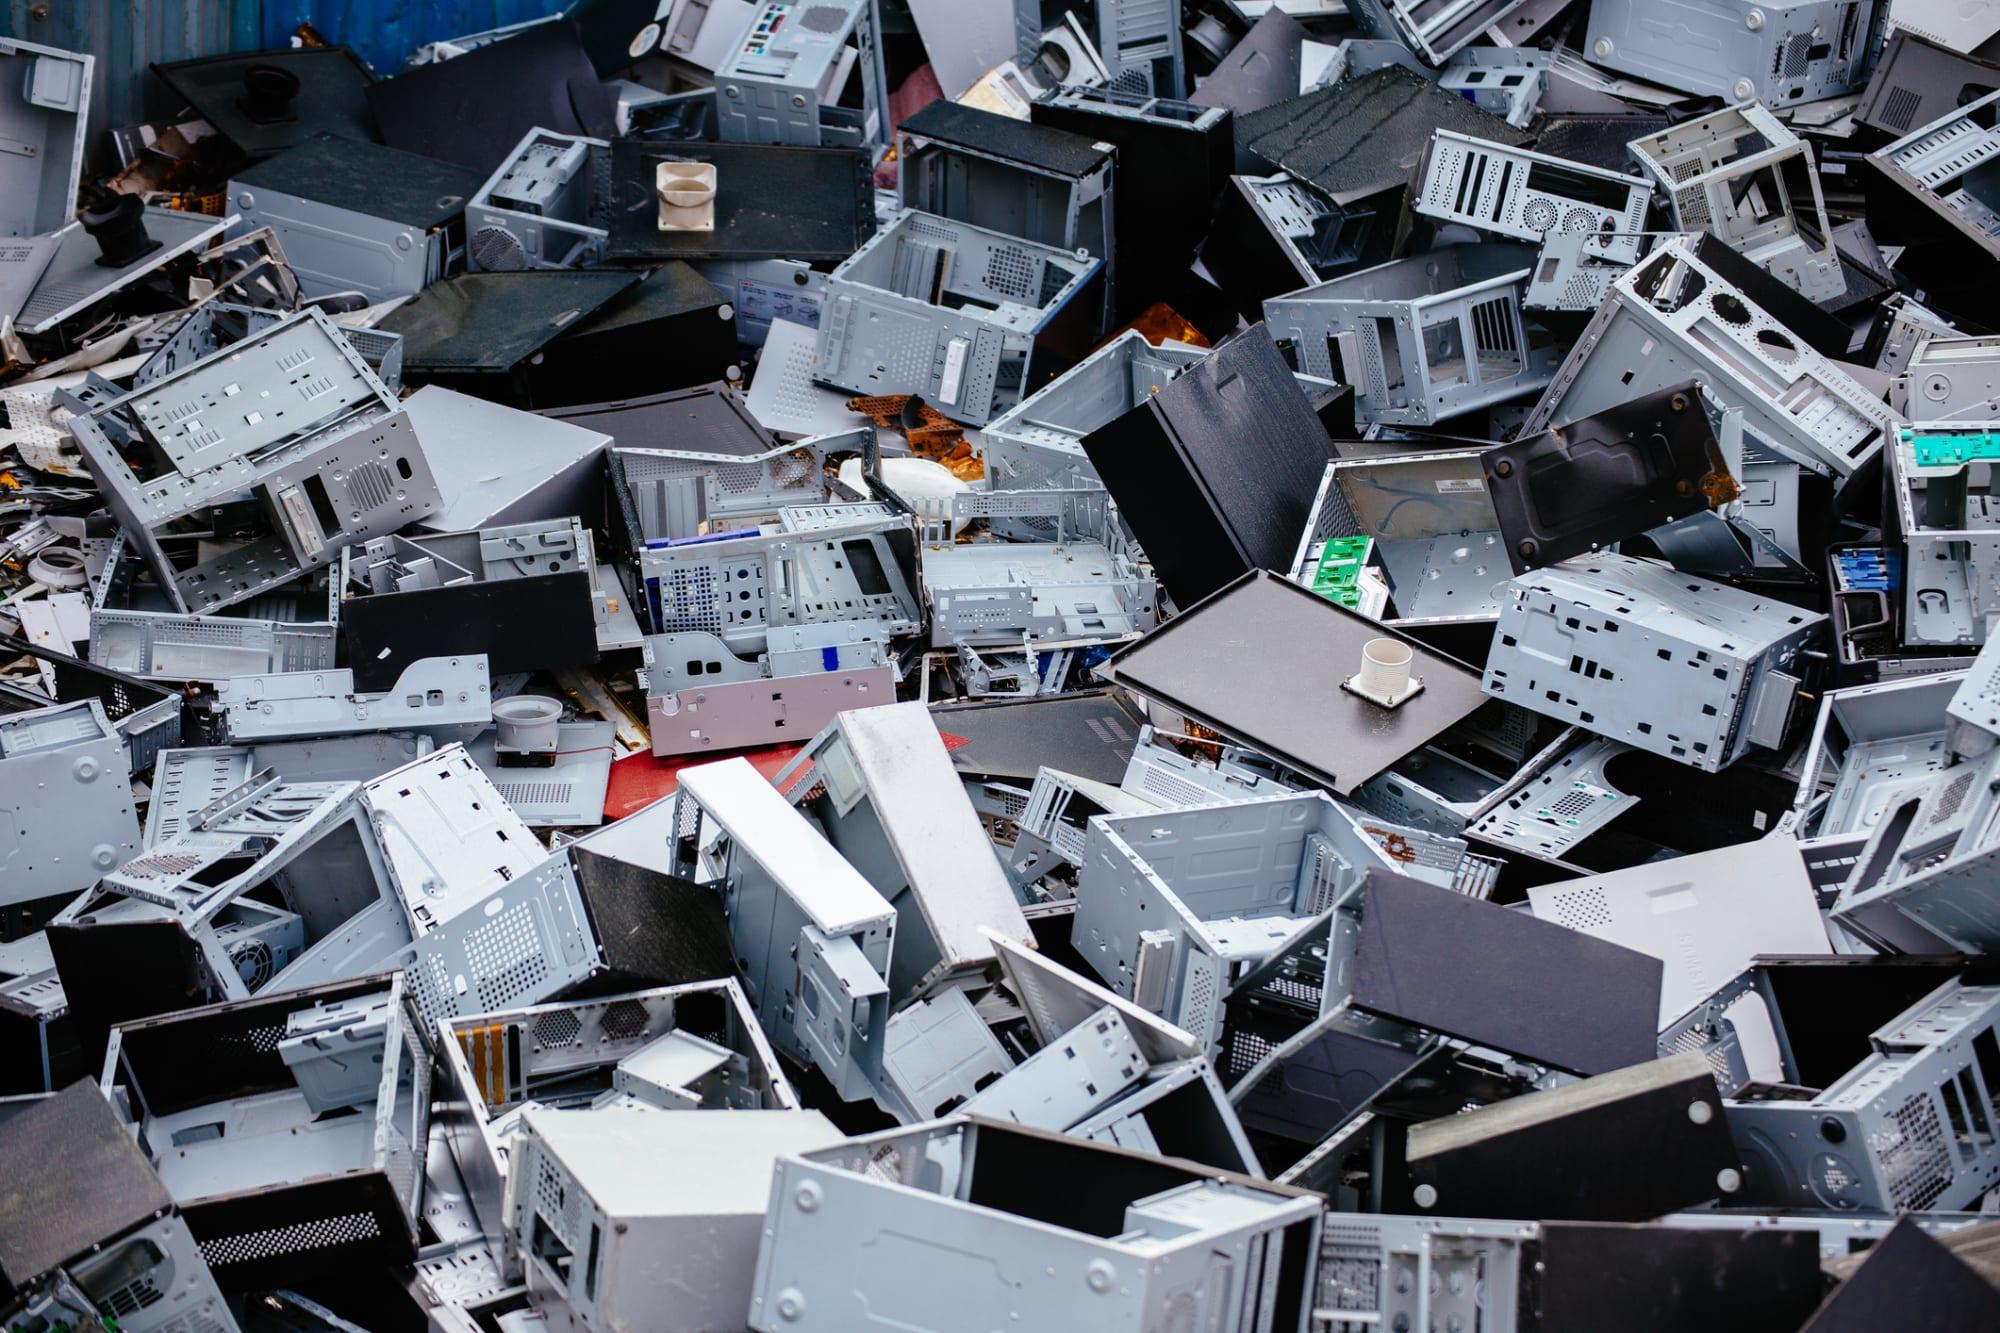 Scrap metal, iron and computer dump for recycling or safe disposal. Ulsan, South Korea.